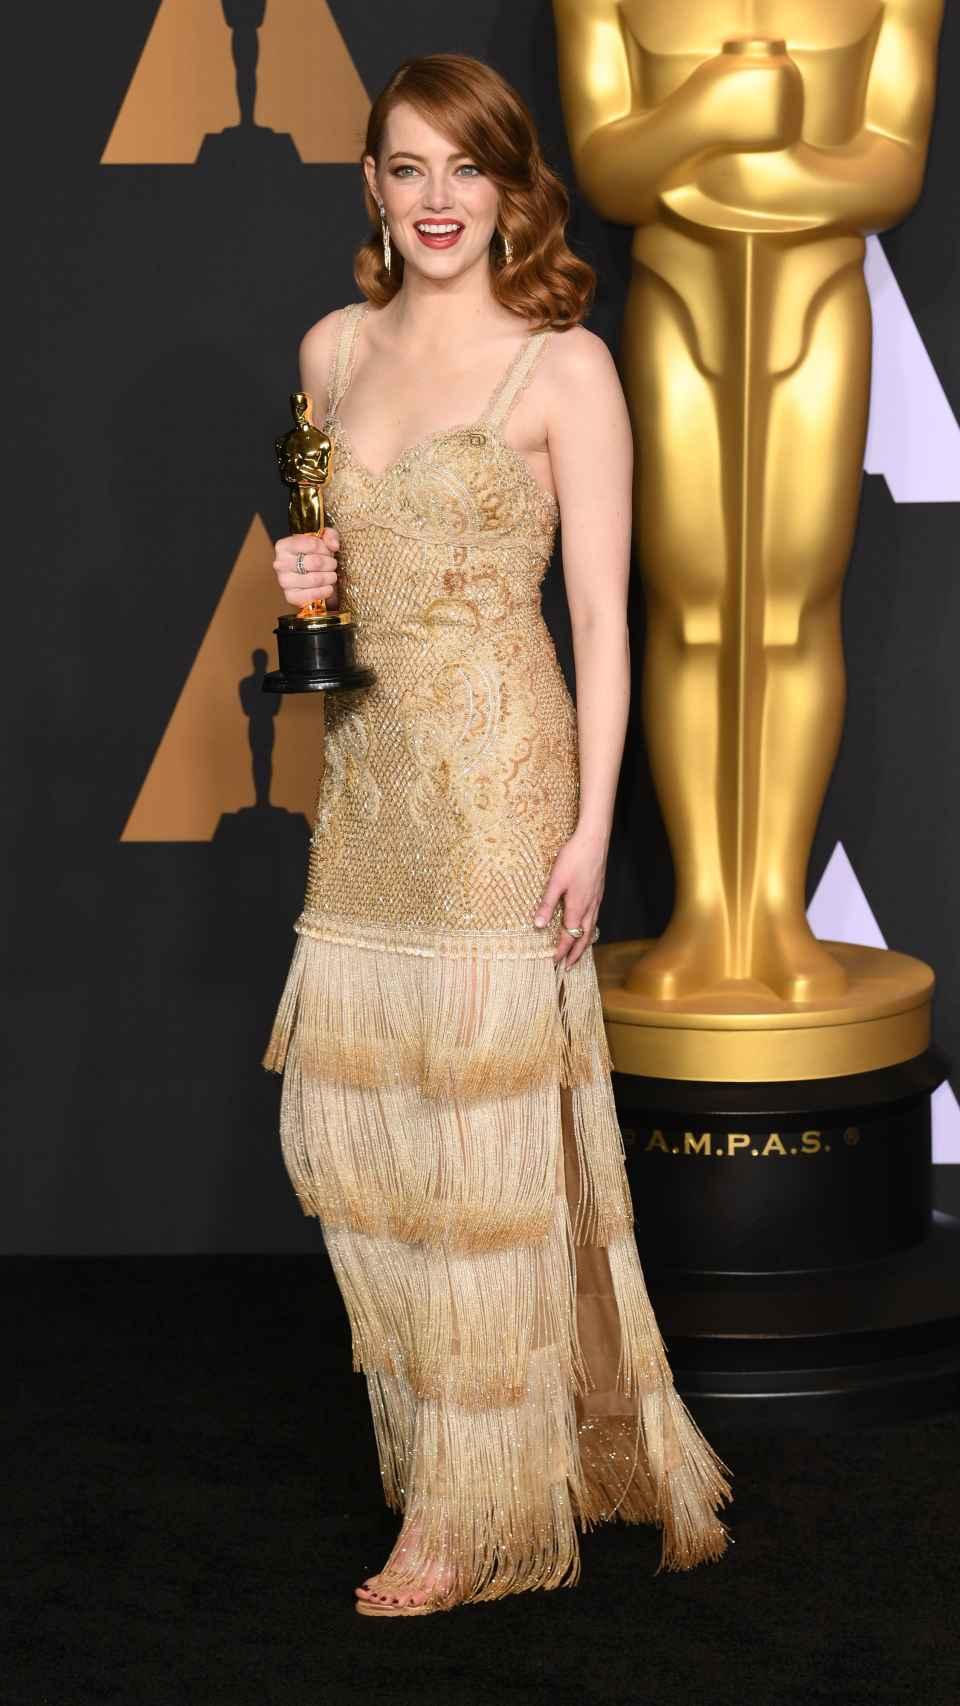 Emma Stone en los Oscar 2017, vestida de Givenchy, con su premio a Mejor Actriz por 'La, La, Land'.